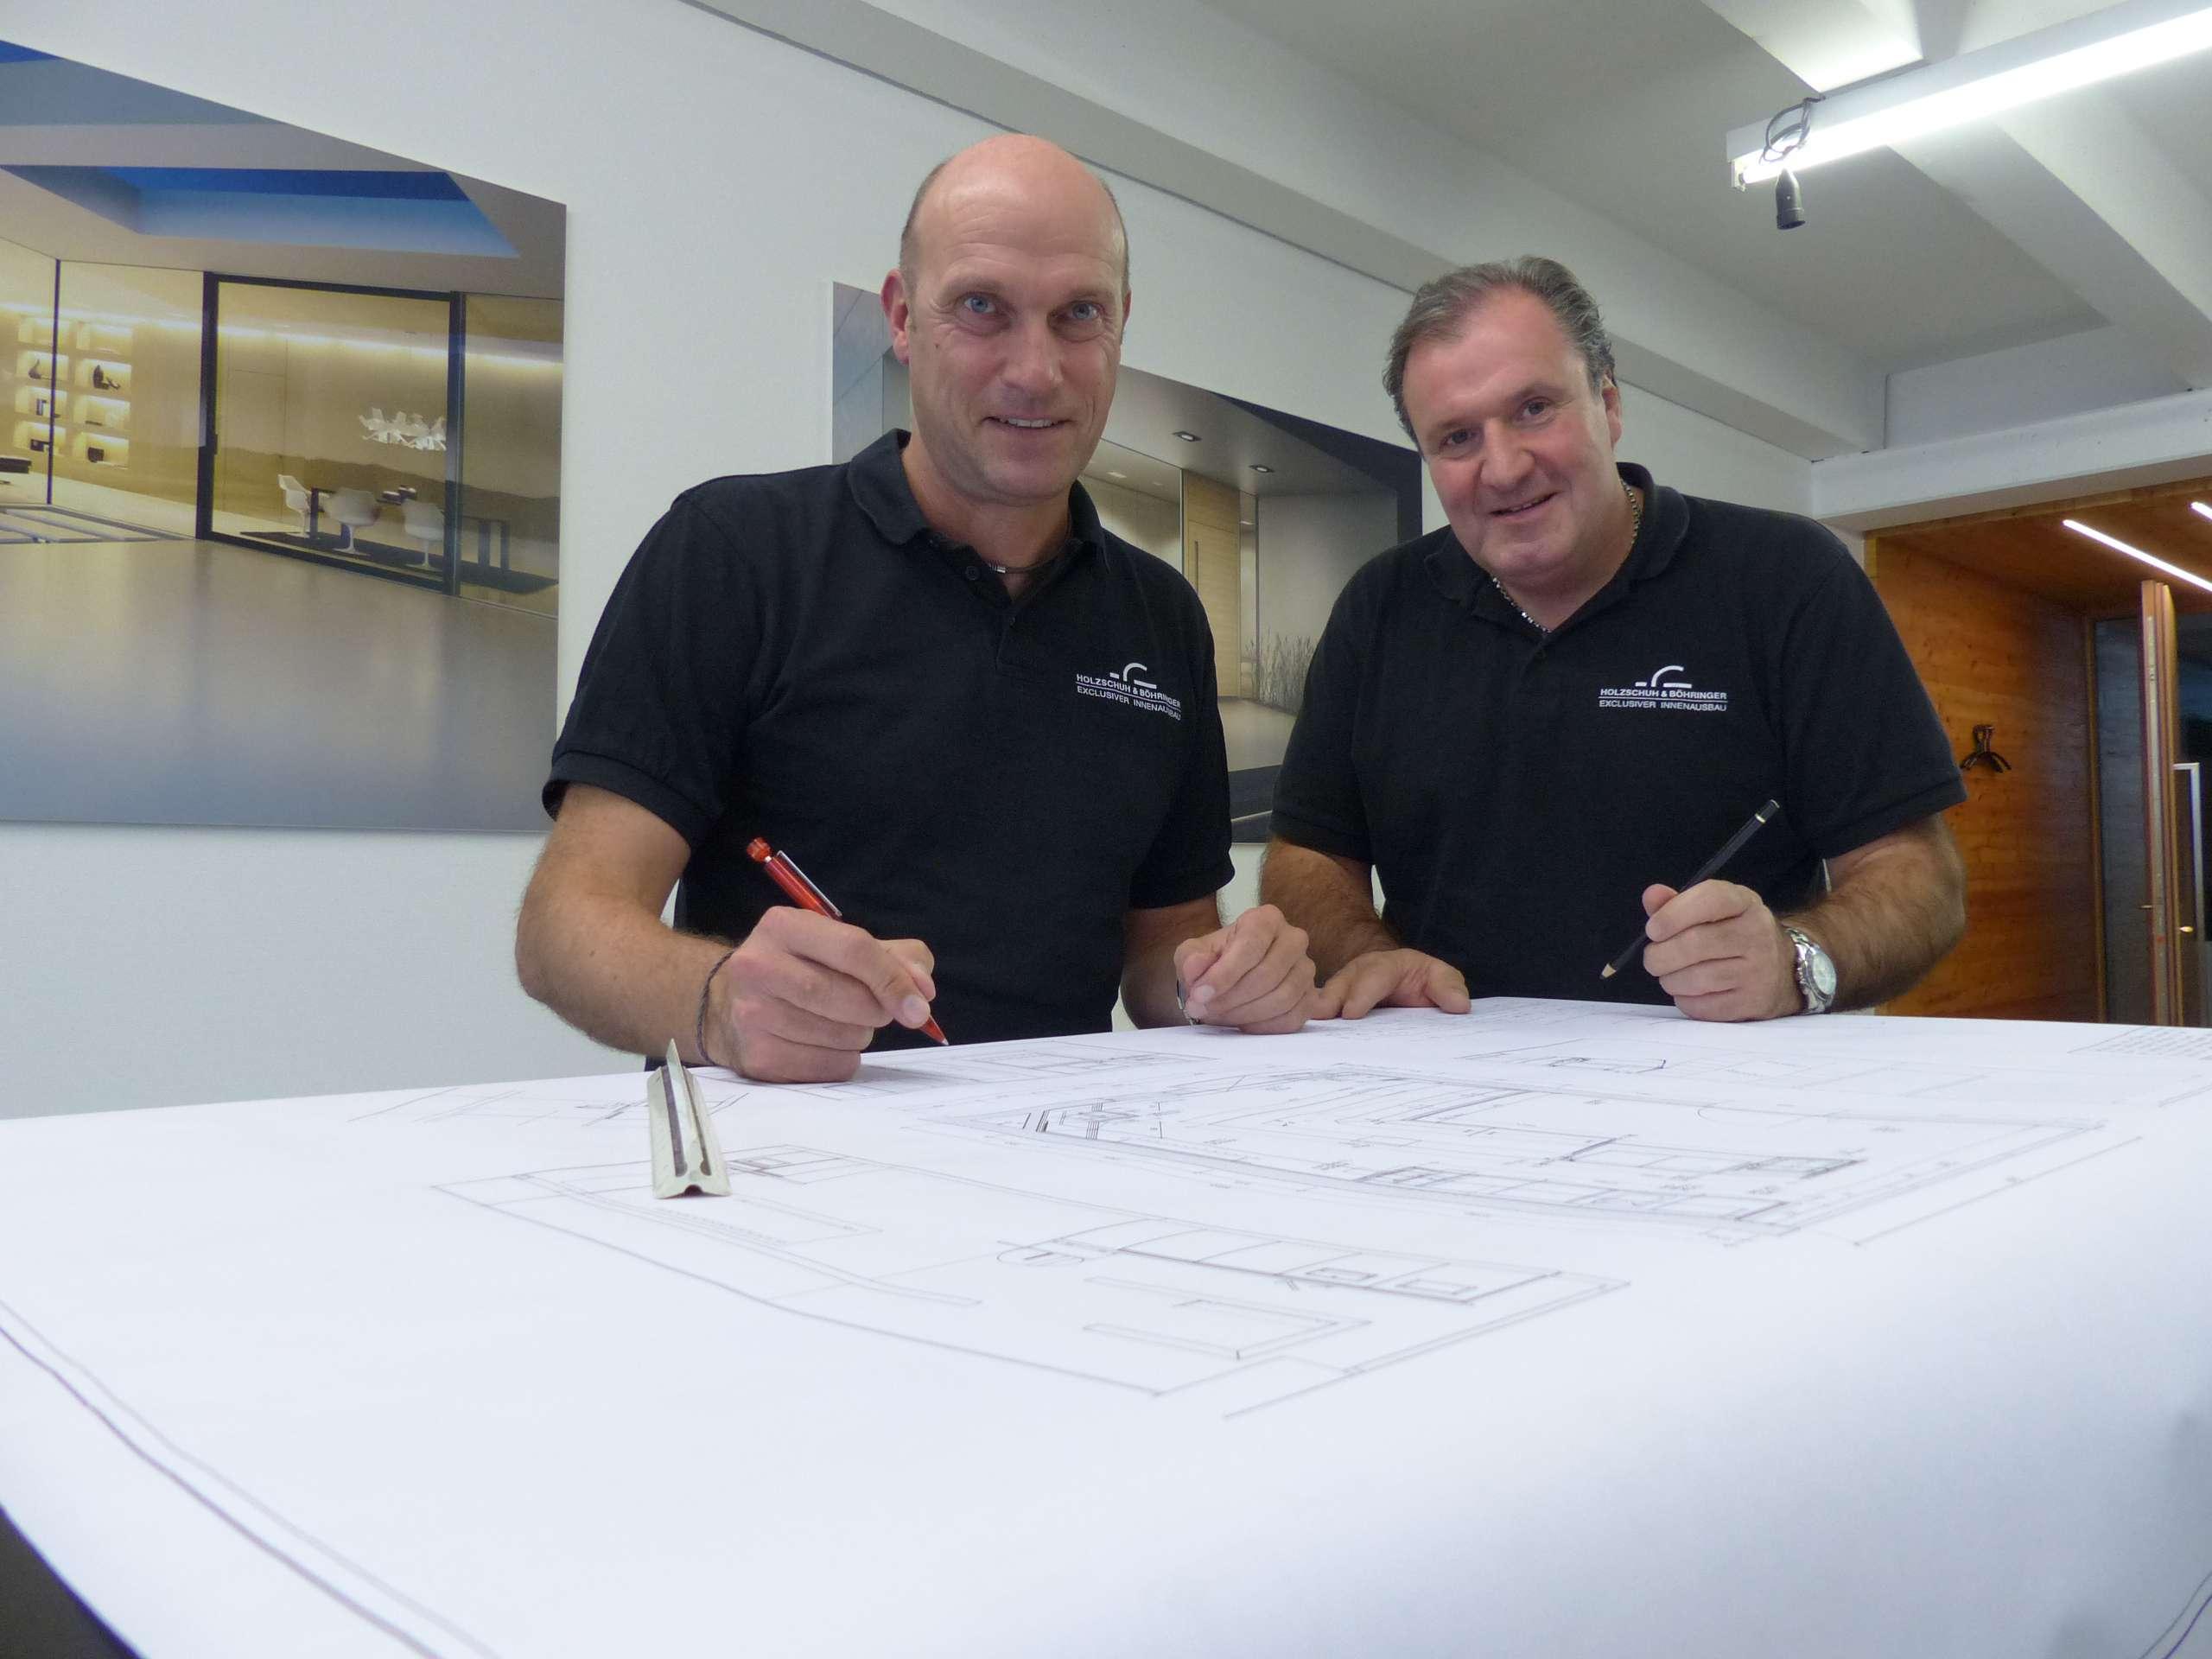 Markus Holzschuh und Peter Böhringer bei der Planung eines Möbels in ihrem Büro in der Schreinerei in Fellbach bei Stuttgart.